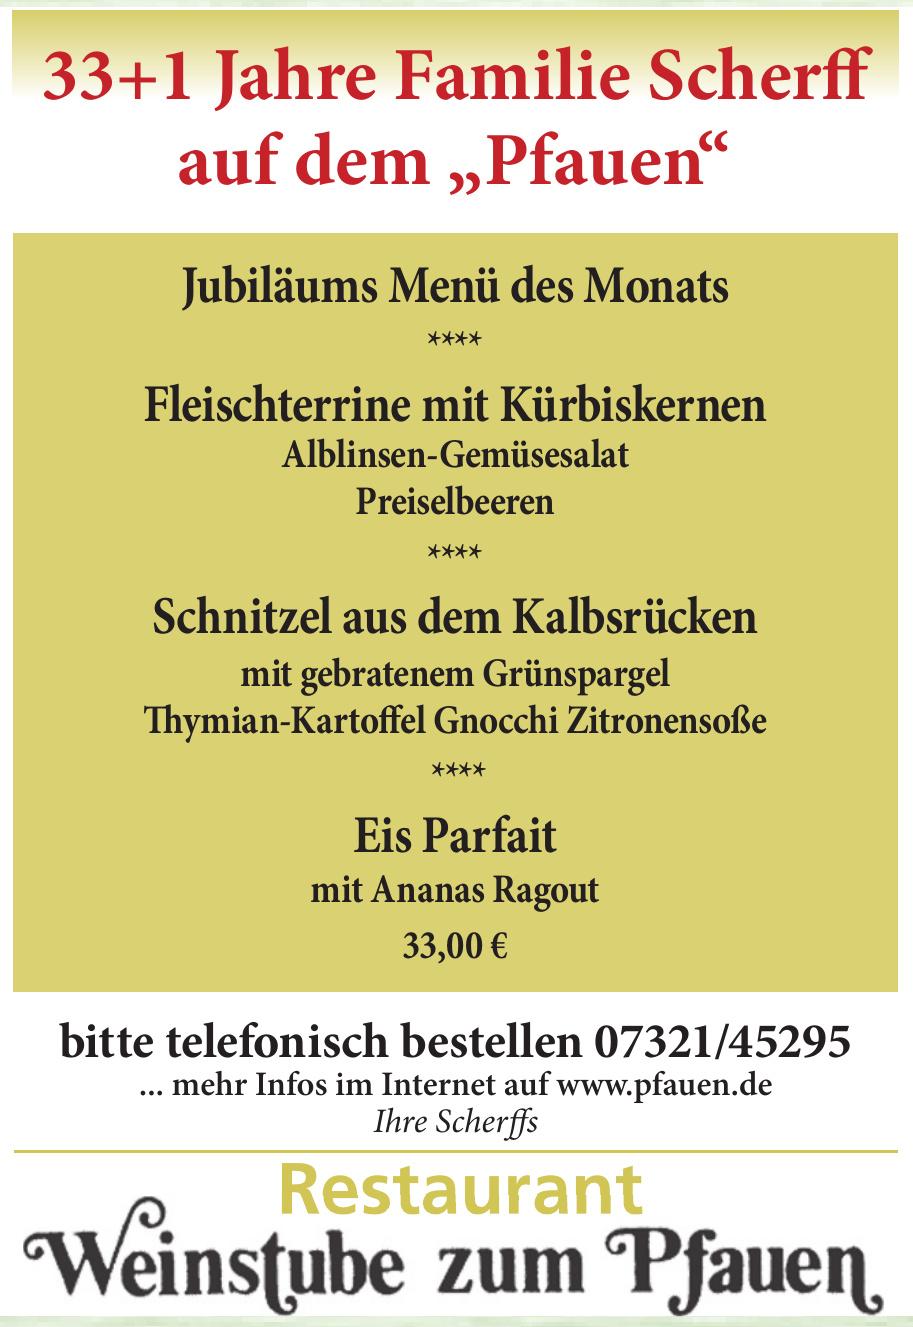 Restaurant Weinstube zum Pfauen